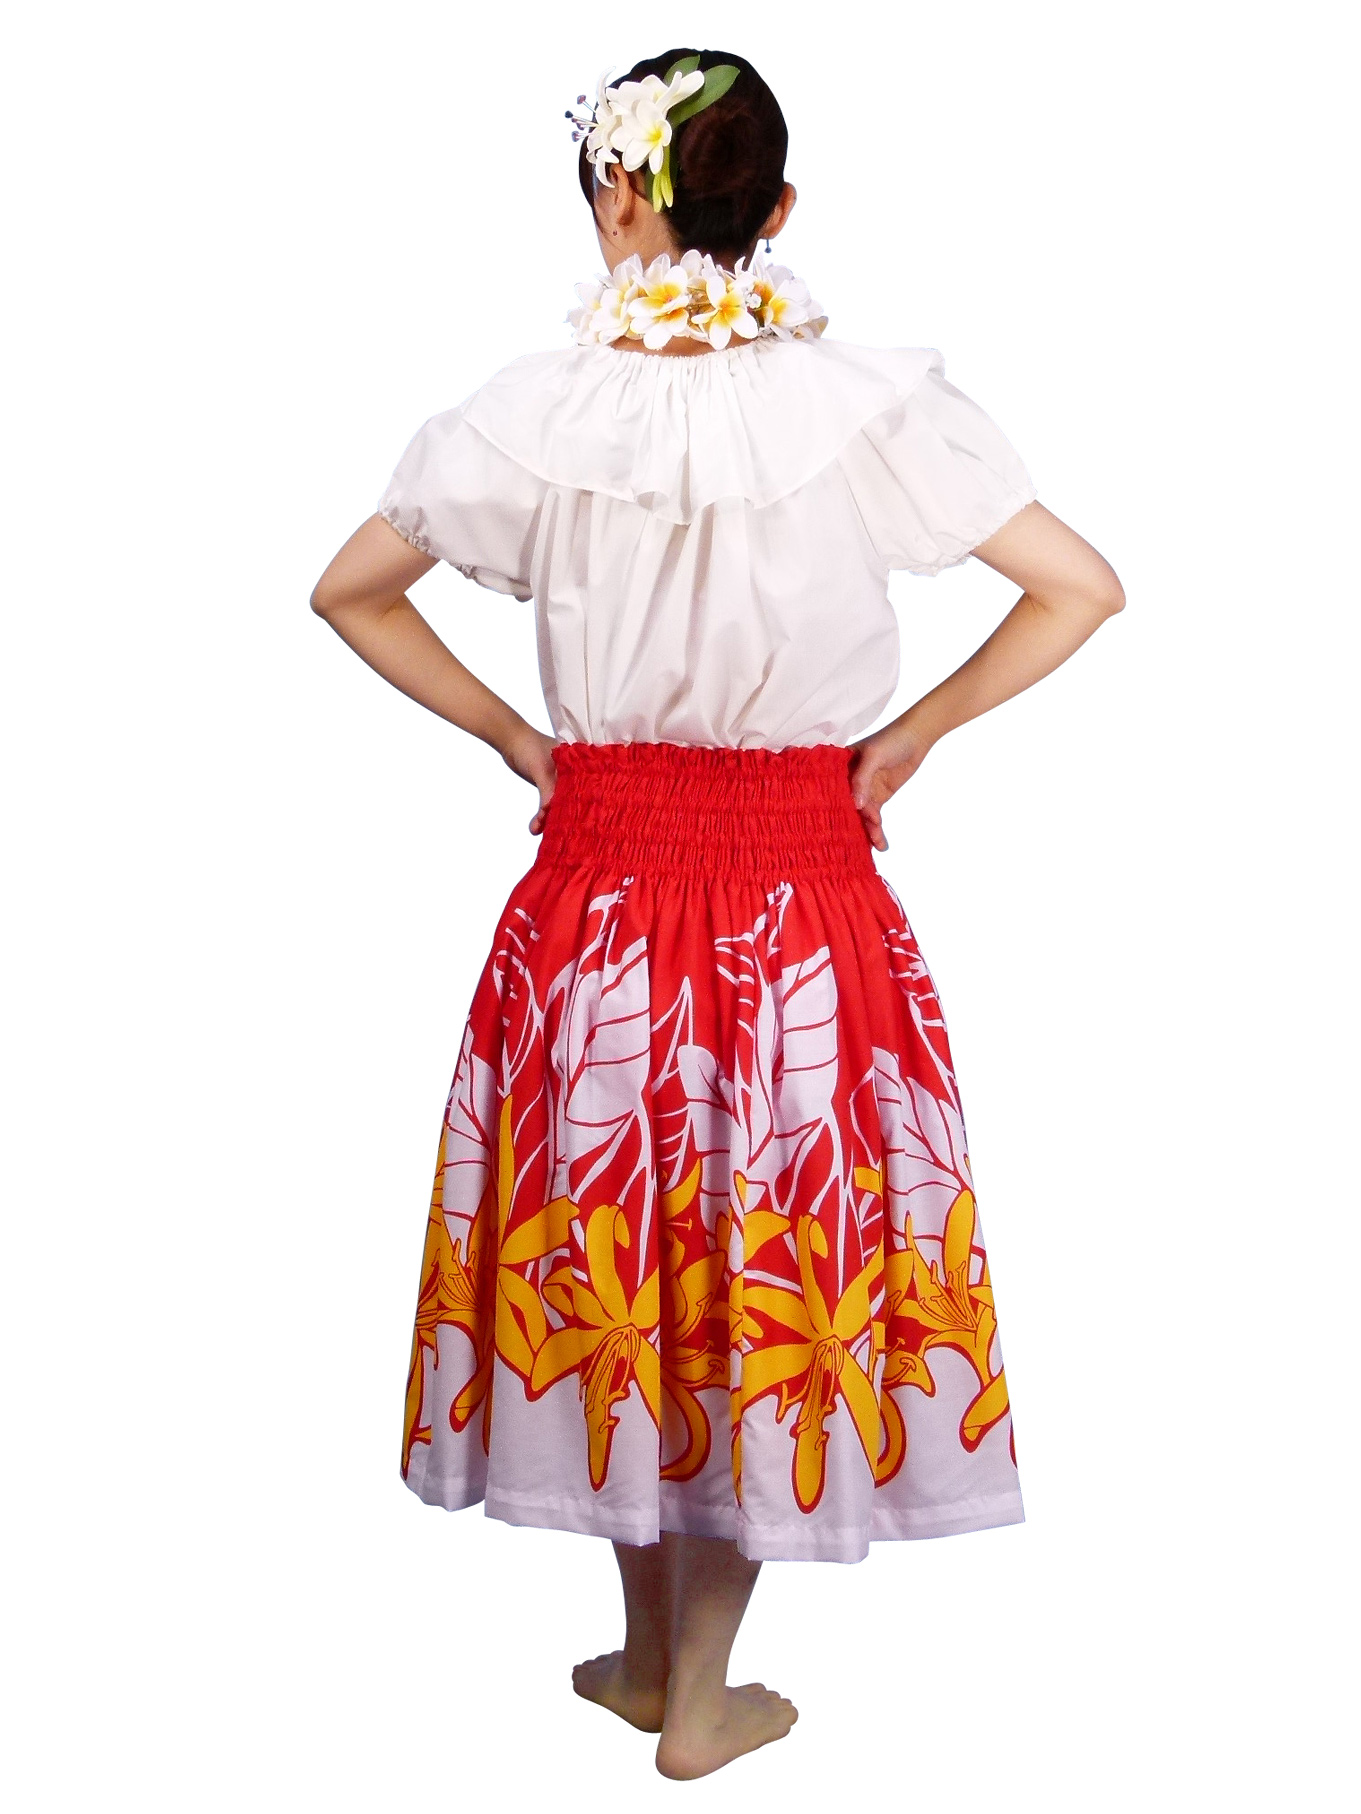 how to make a pa u skirt